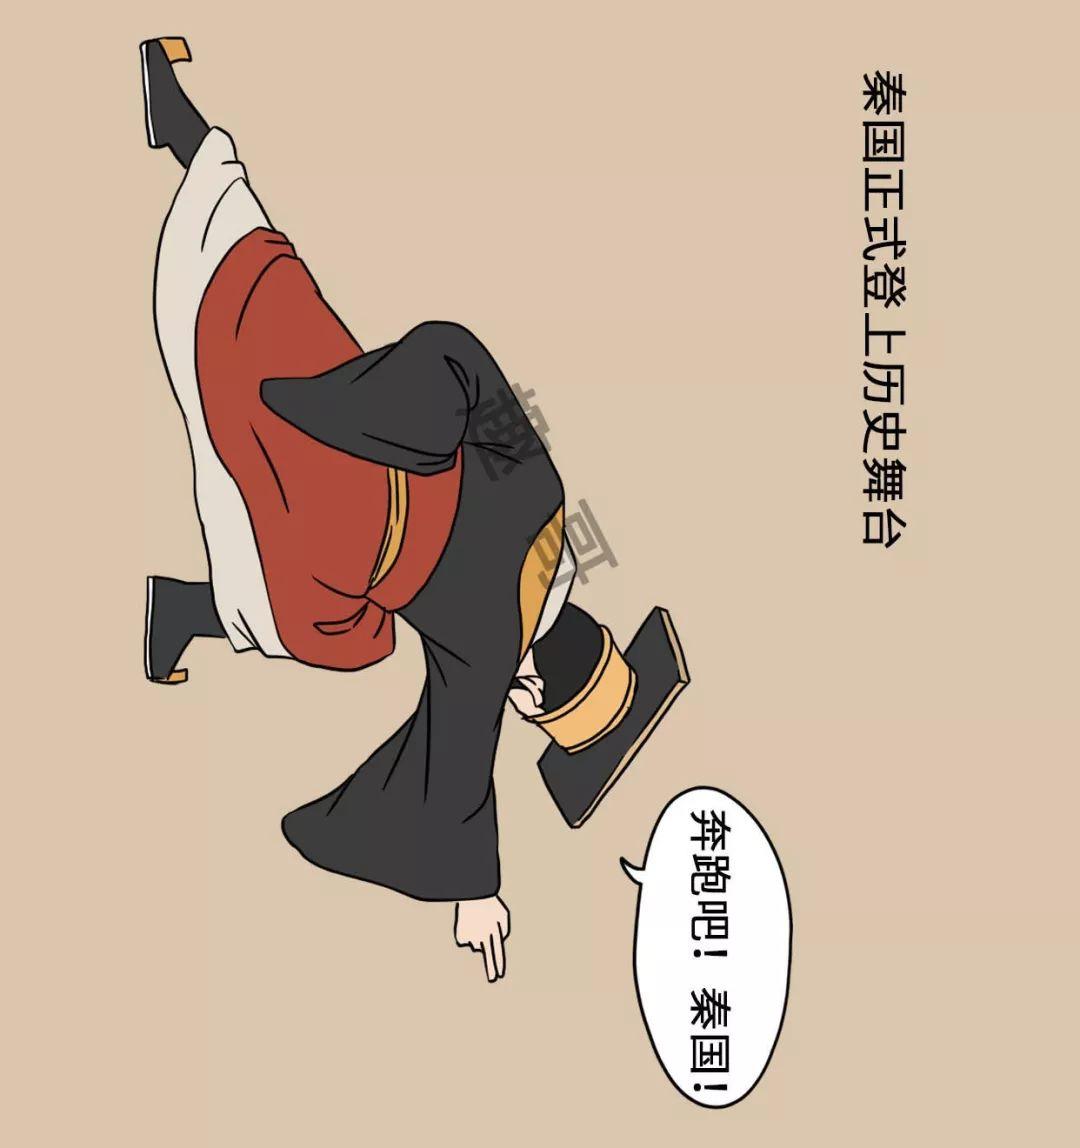 极简秦国史(漫画版)